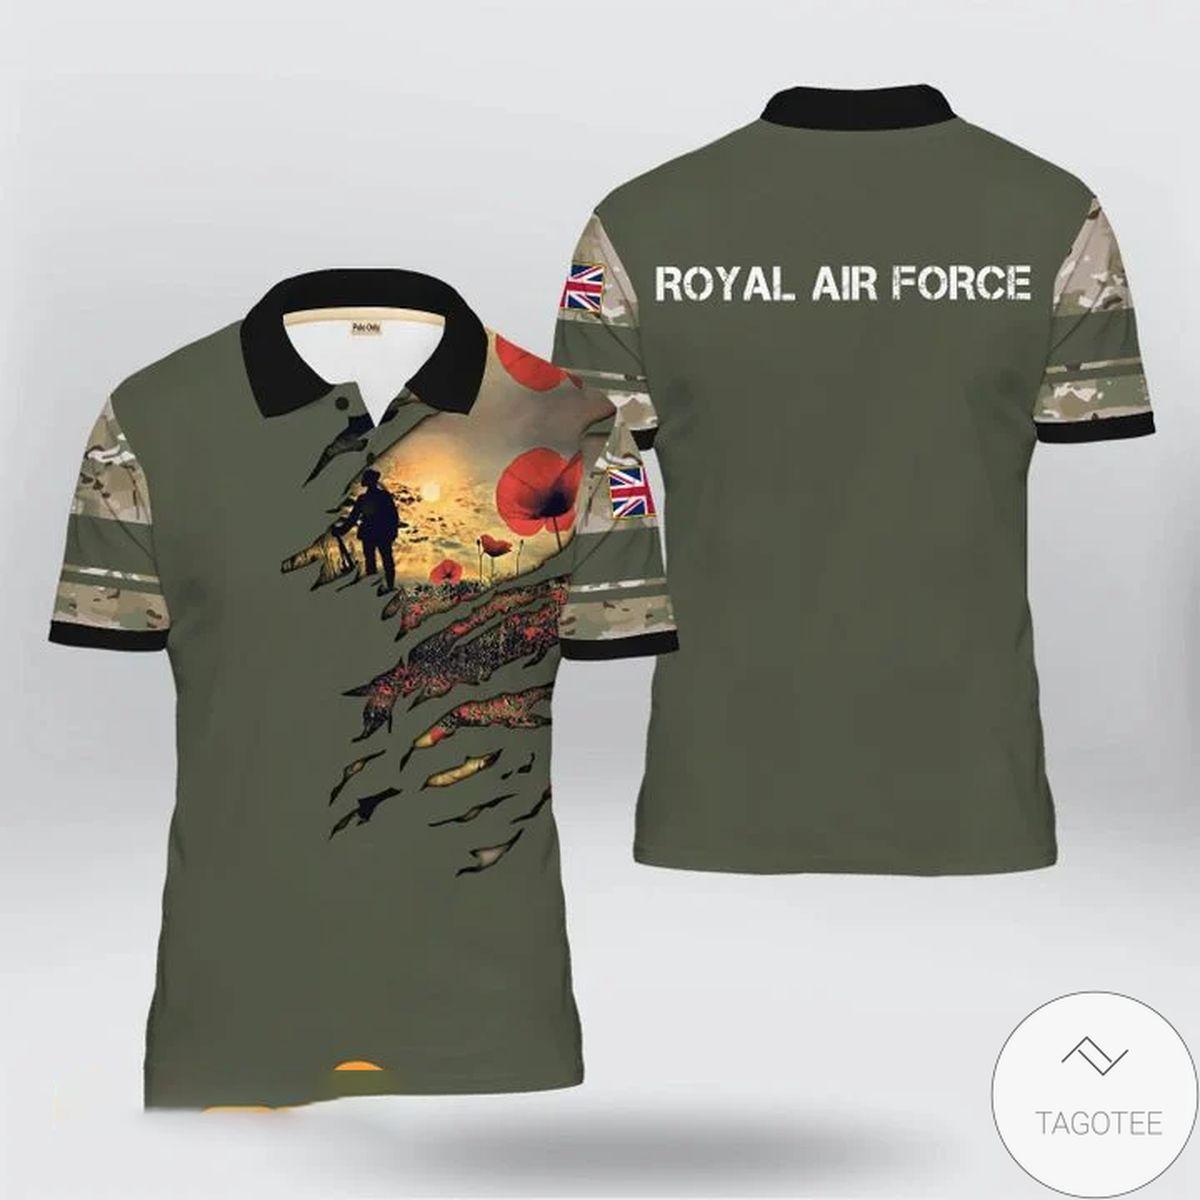 Uk Veteran Royal Air Force Polo Shirt